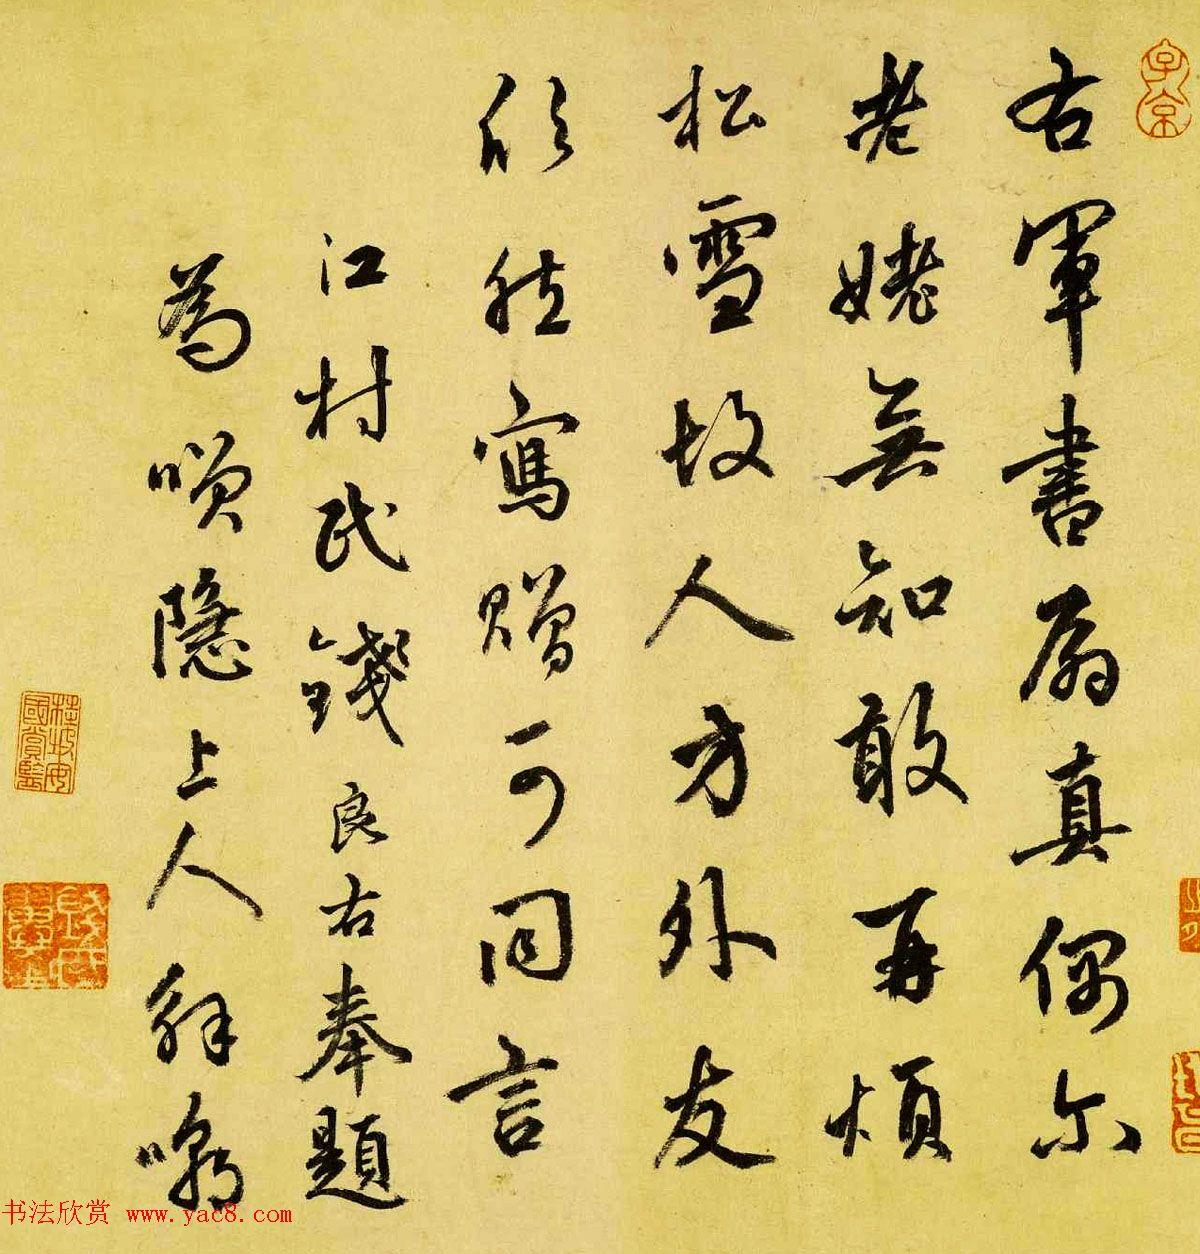 元代钱良右书法题跋墨迹欣赏